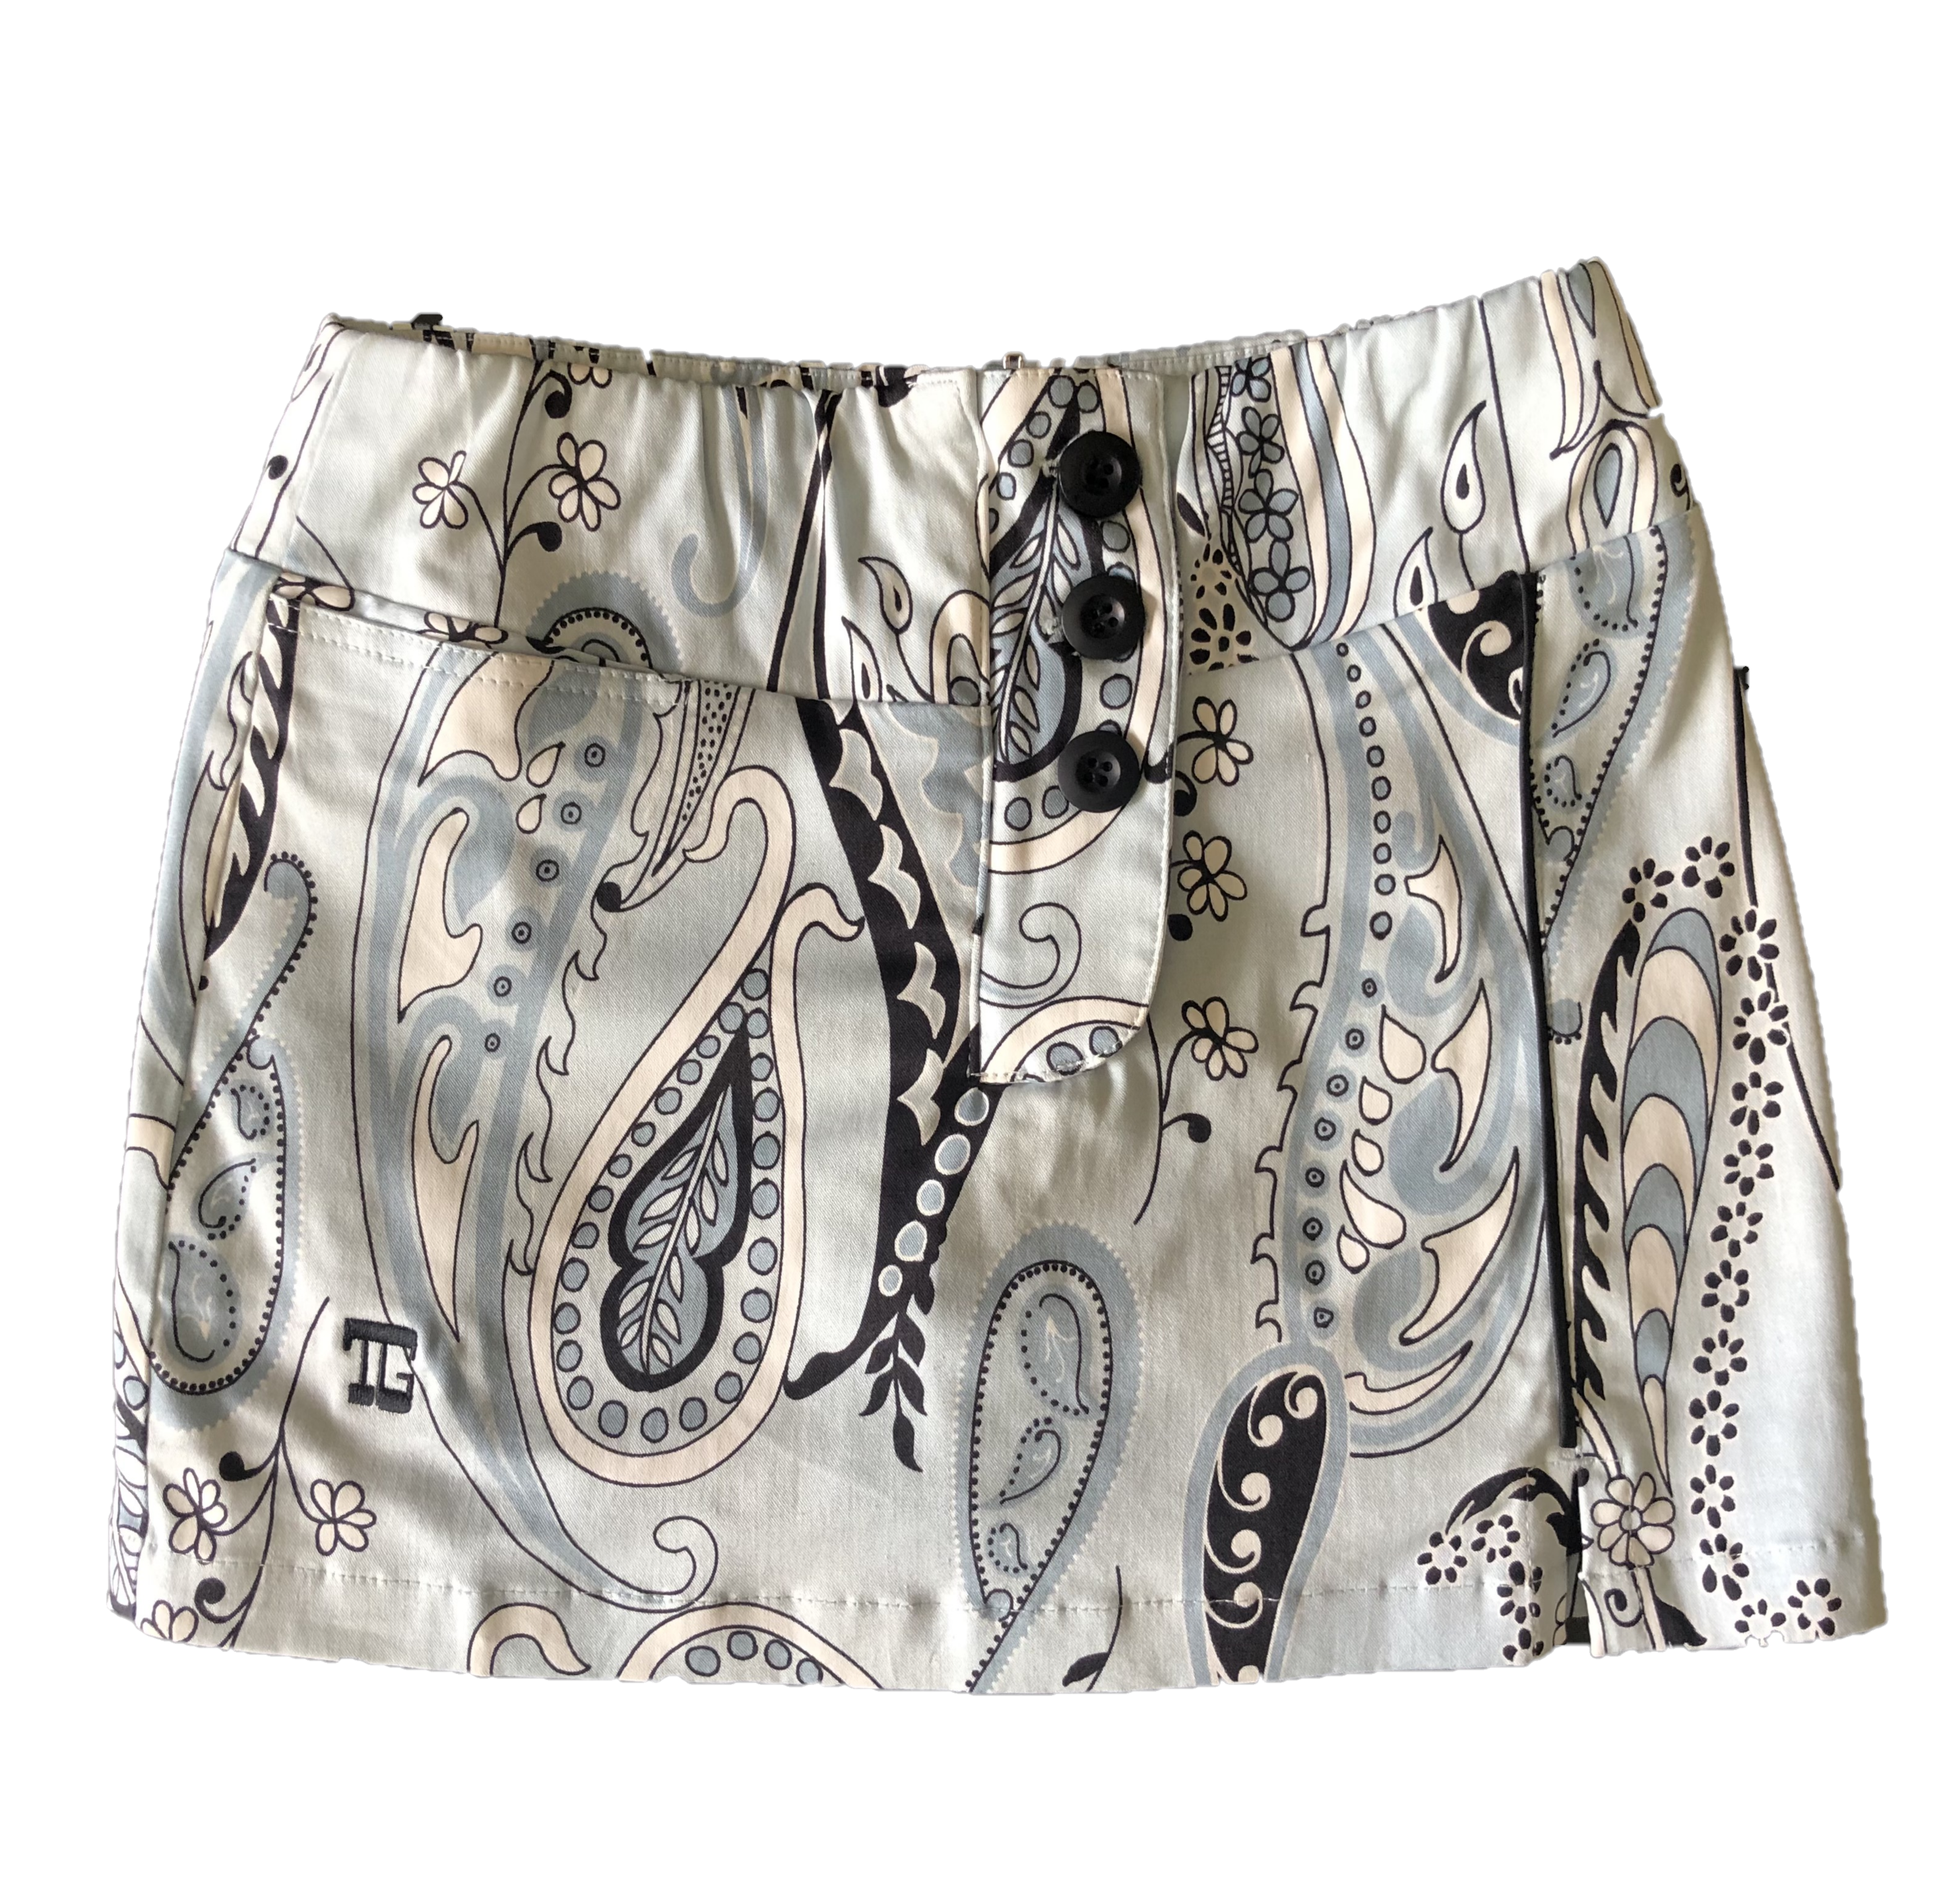 LS-063    Skirt Pale Blue With Black Modern Batik Design